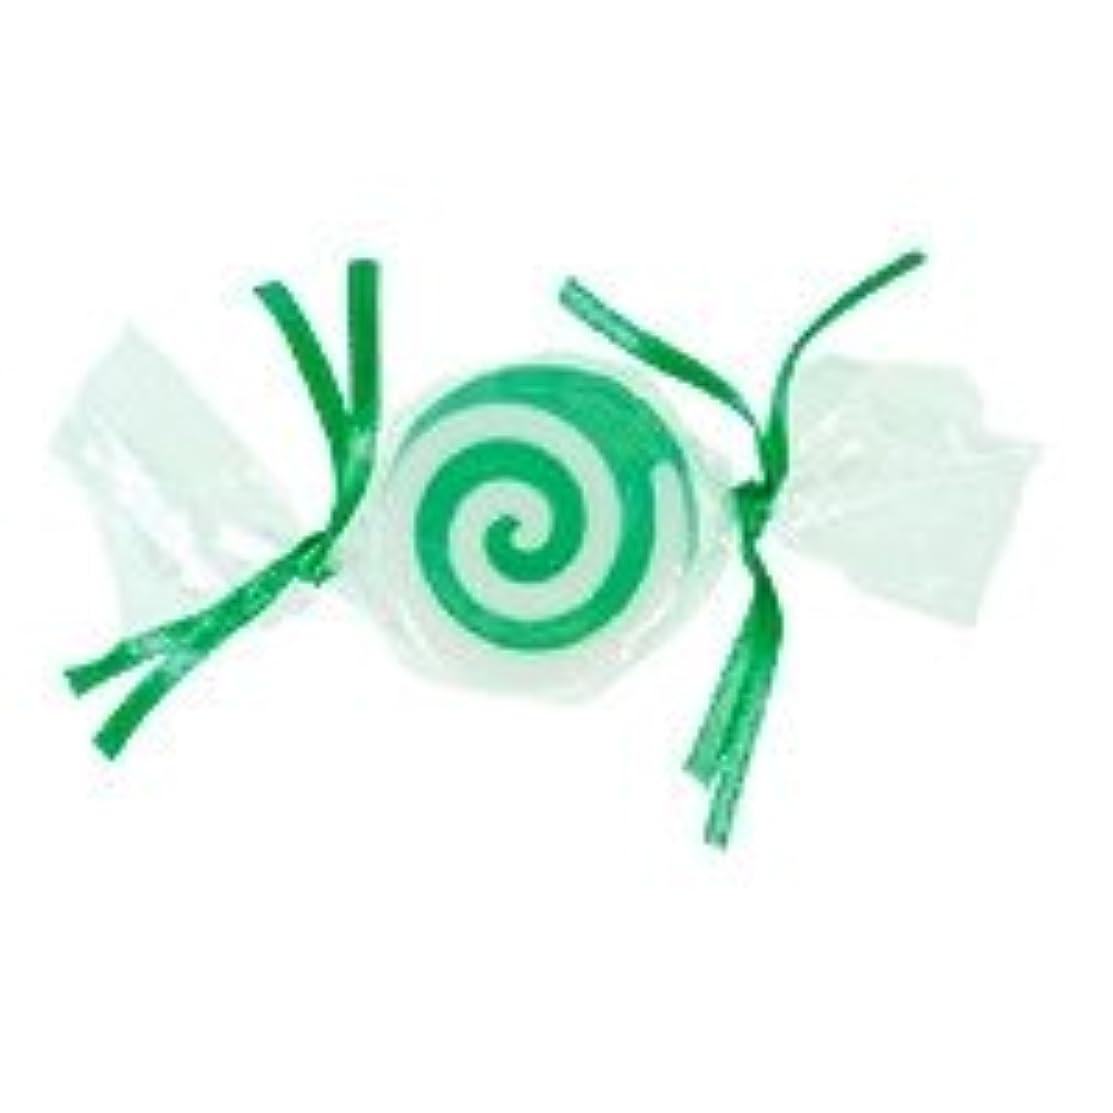 代替困惑コカインベジタブルソープ キャンディ「グリーン」20個セット グリーンアップルの香り